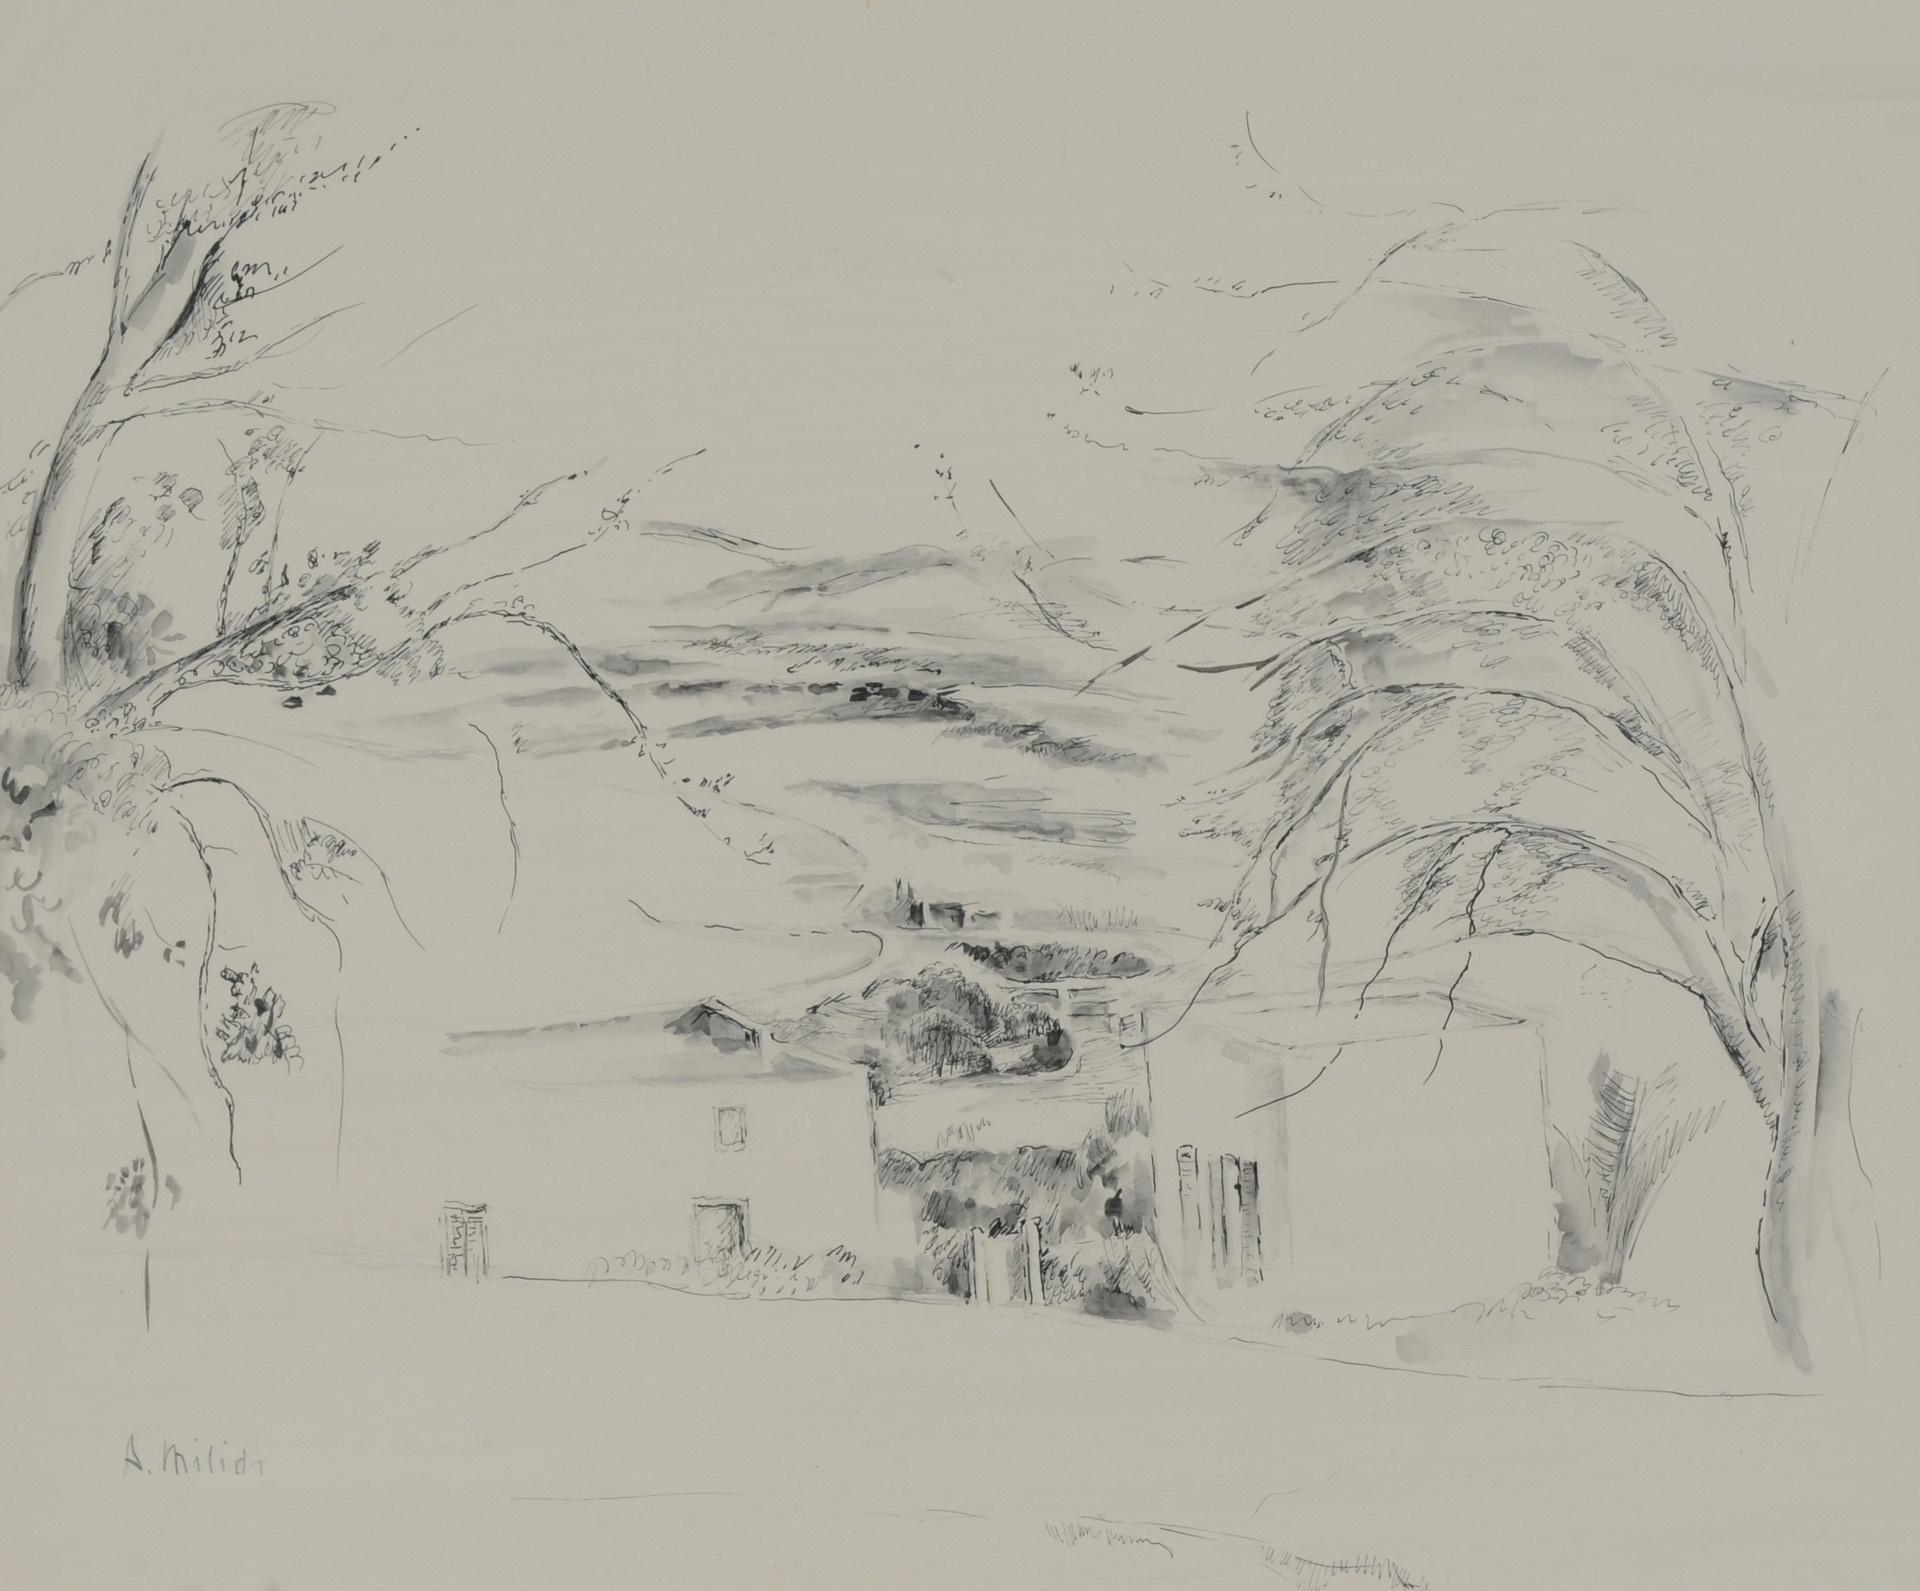 Milich Adolphe, Landschaft mit Wasser und Häusern